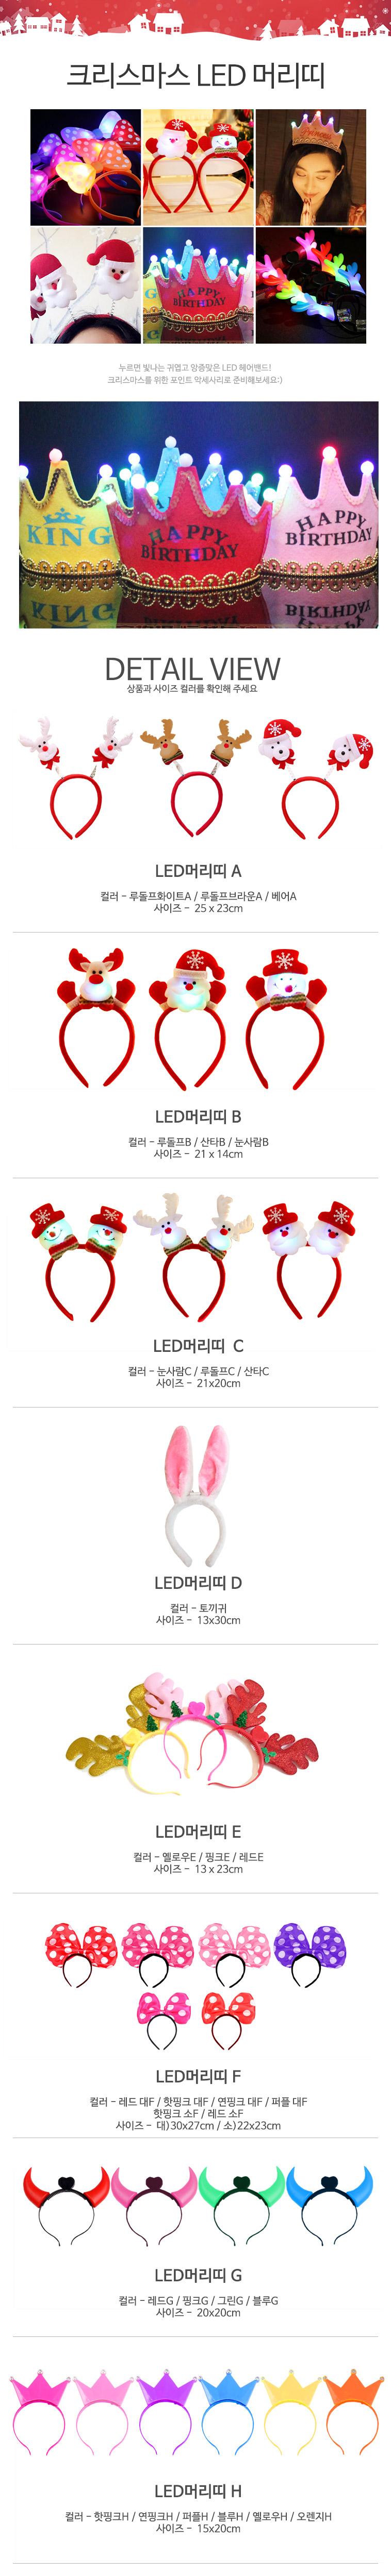 크리스마스 소품 LED머리띠 헤어밴드 - 나와또, 3,900원, 파티용품, 크리스마스 파티